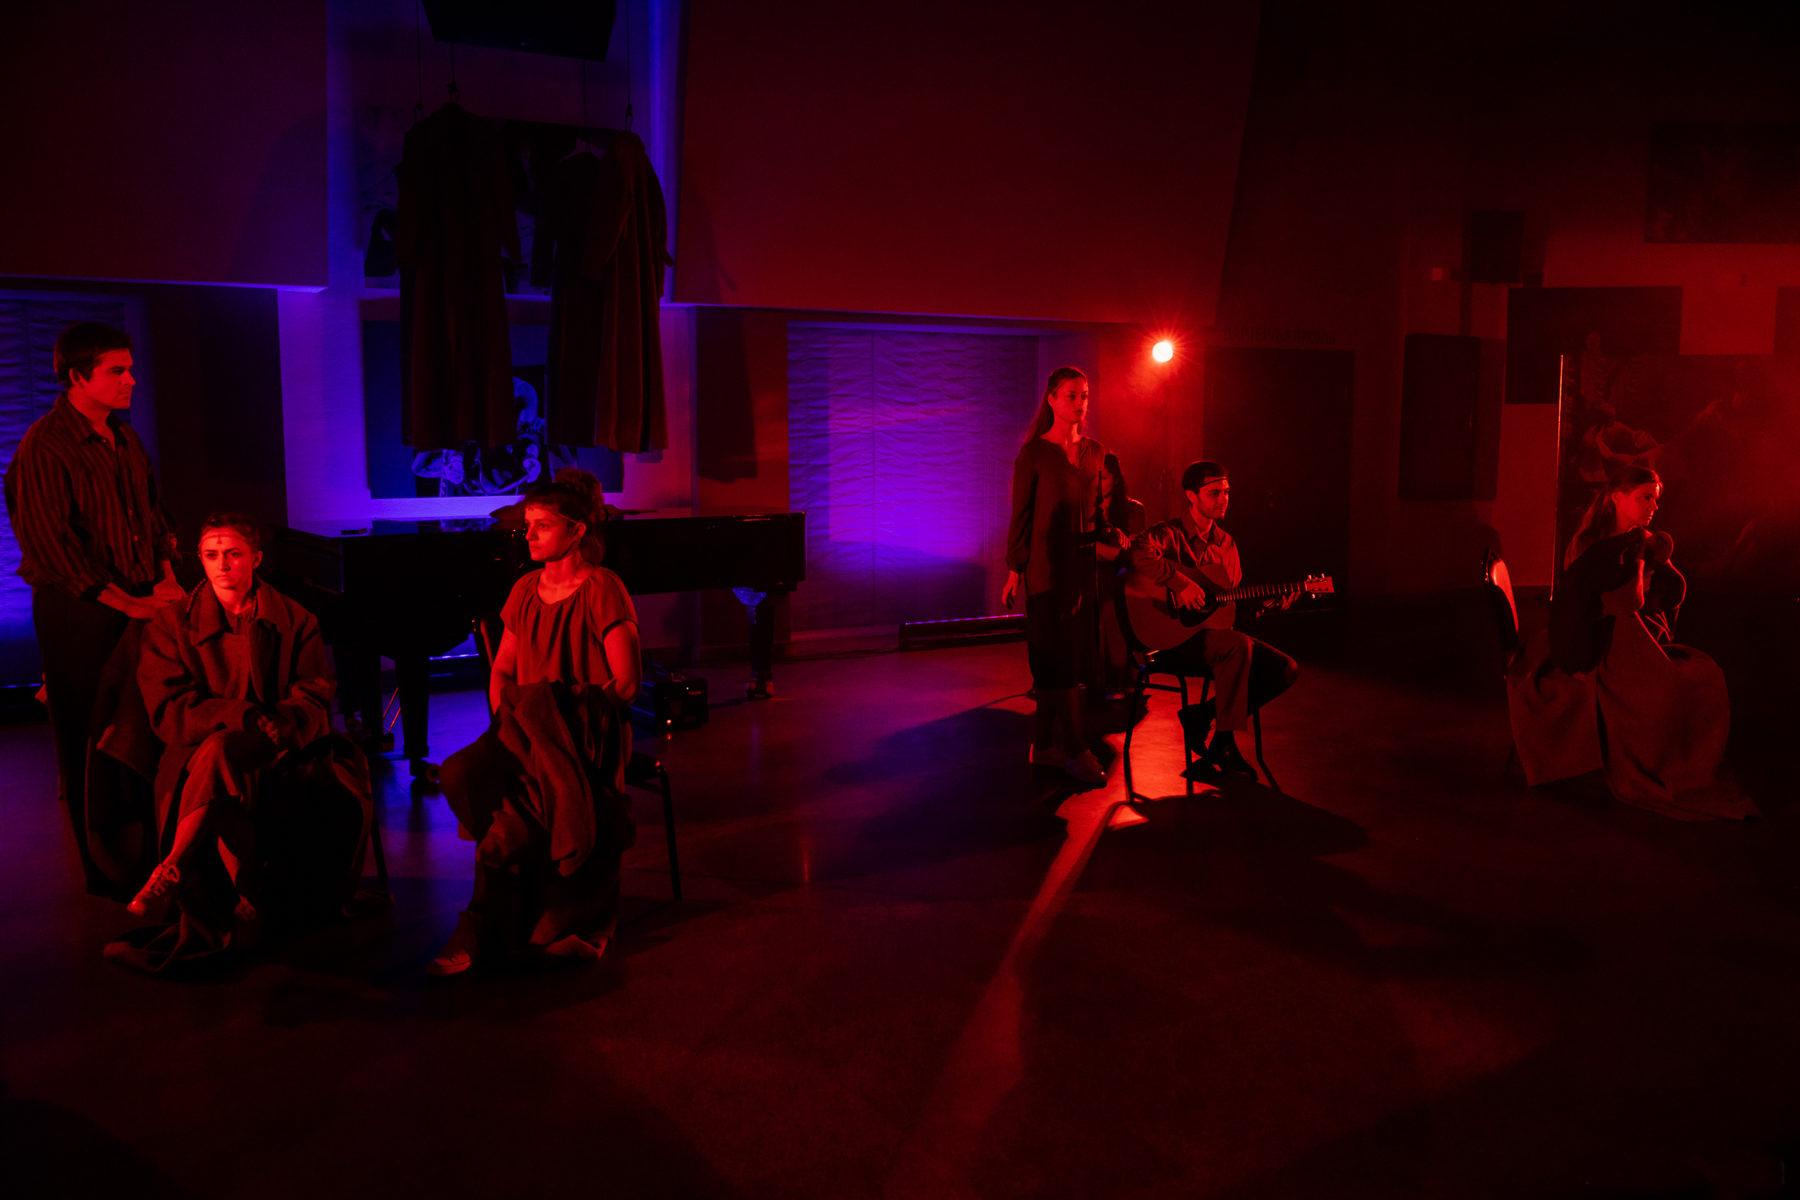 Спектакль «Часовые любви» в Театре Романа Виктюка – события на сайте «Московские Сезоны»